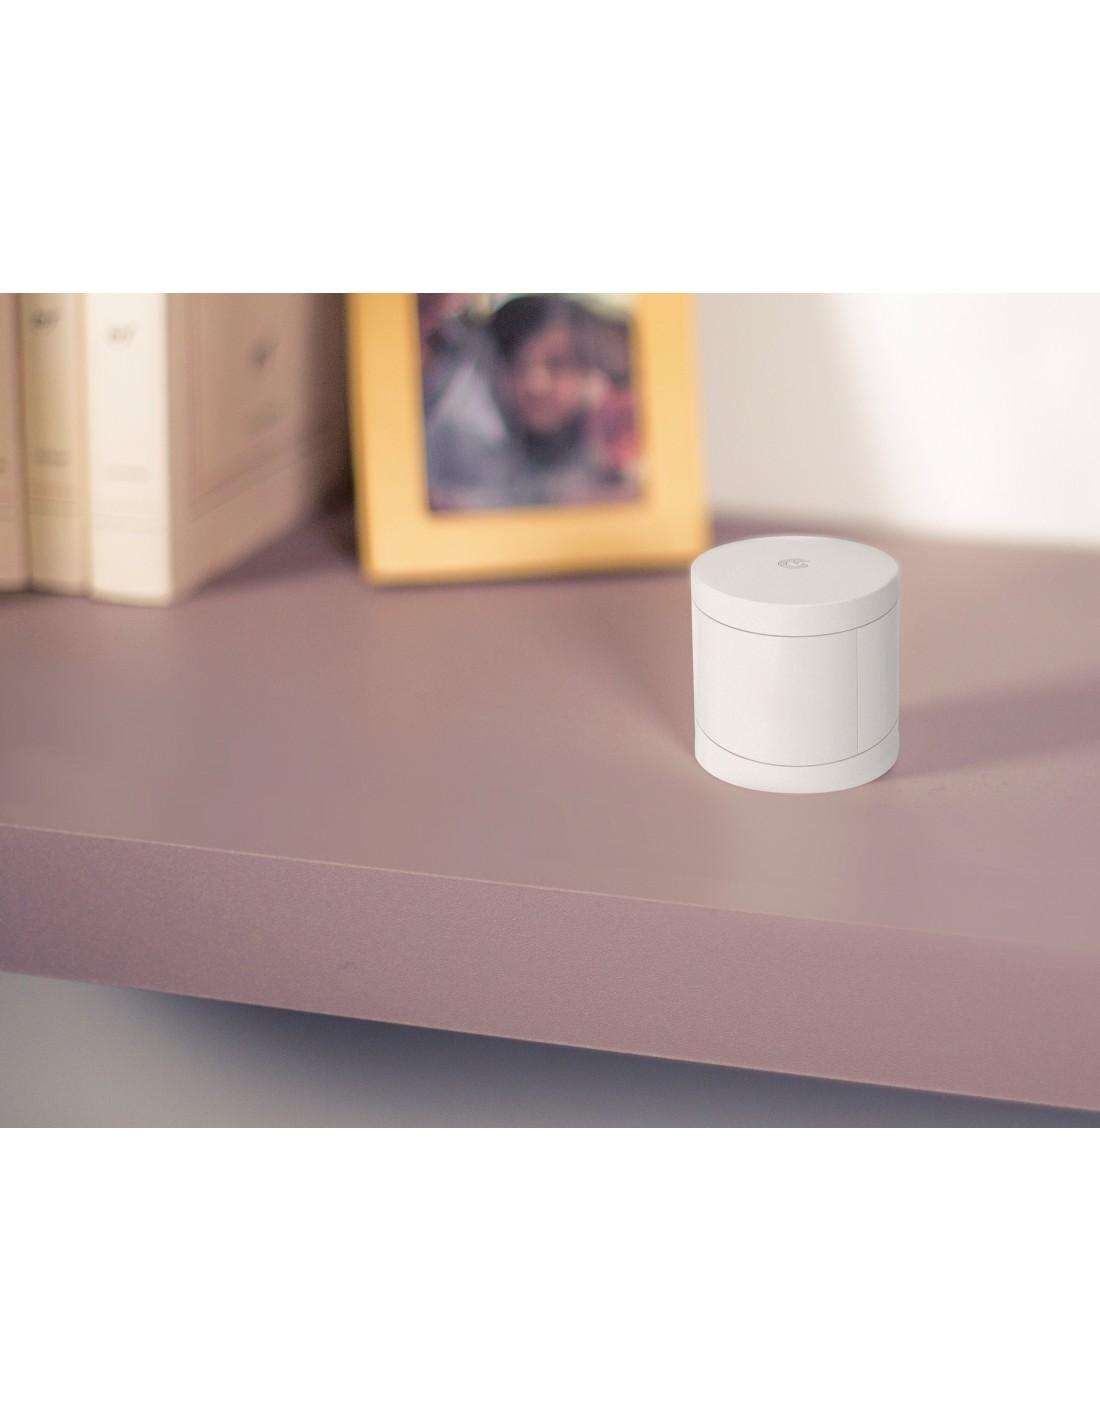 Myfox rilevatore di movimento per myfox home alarm - Myfox home alarm ...